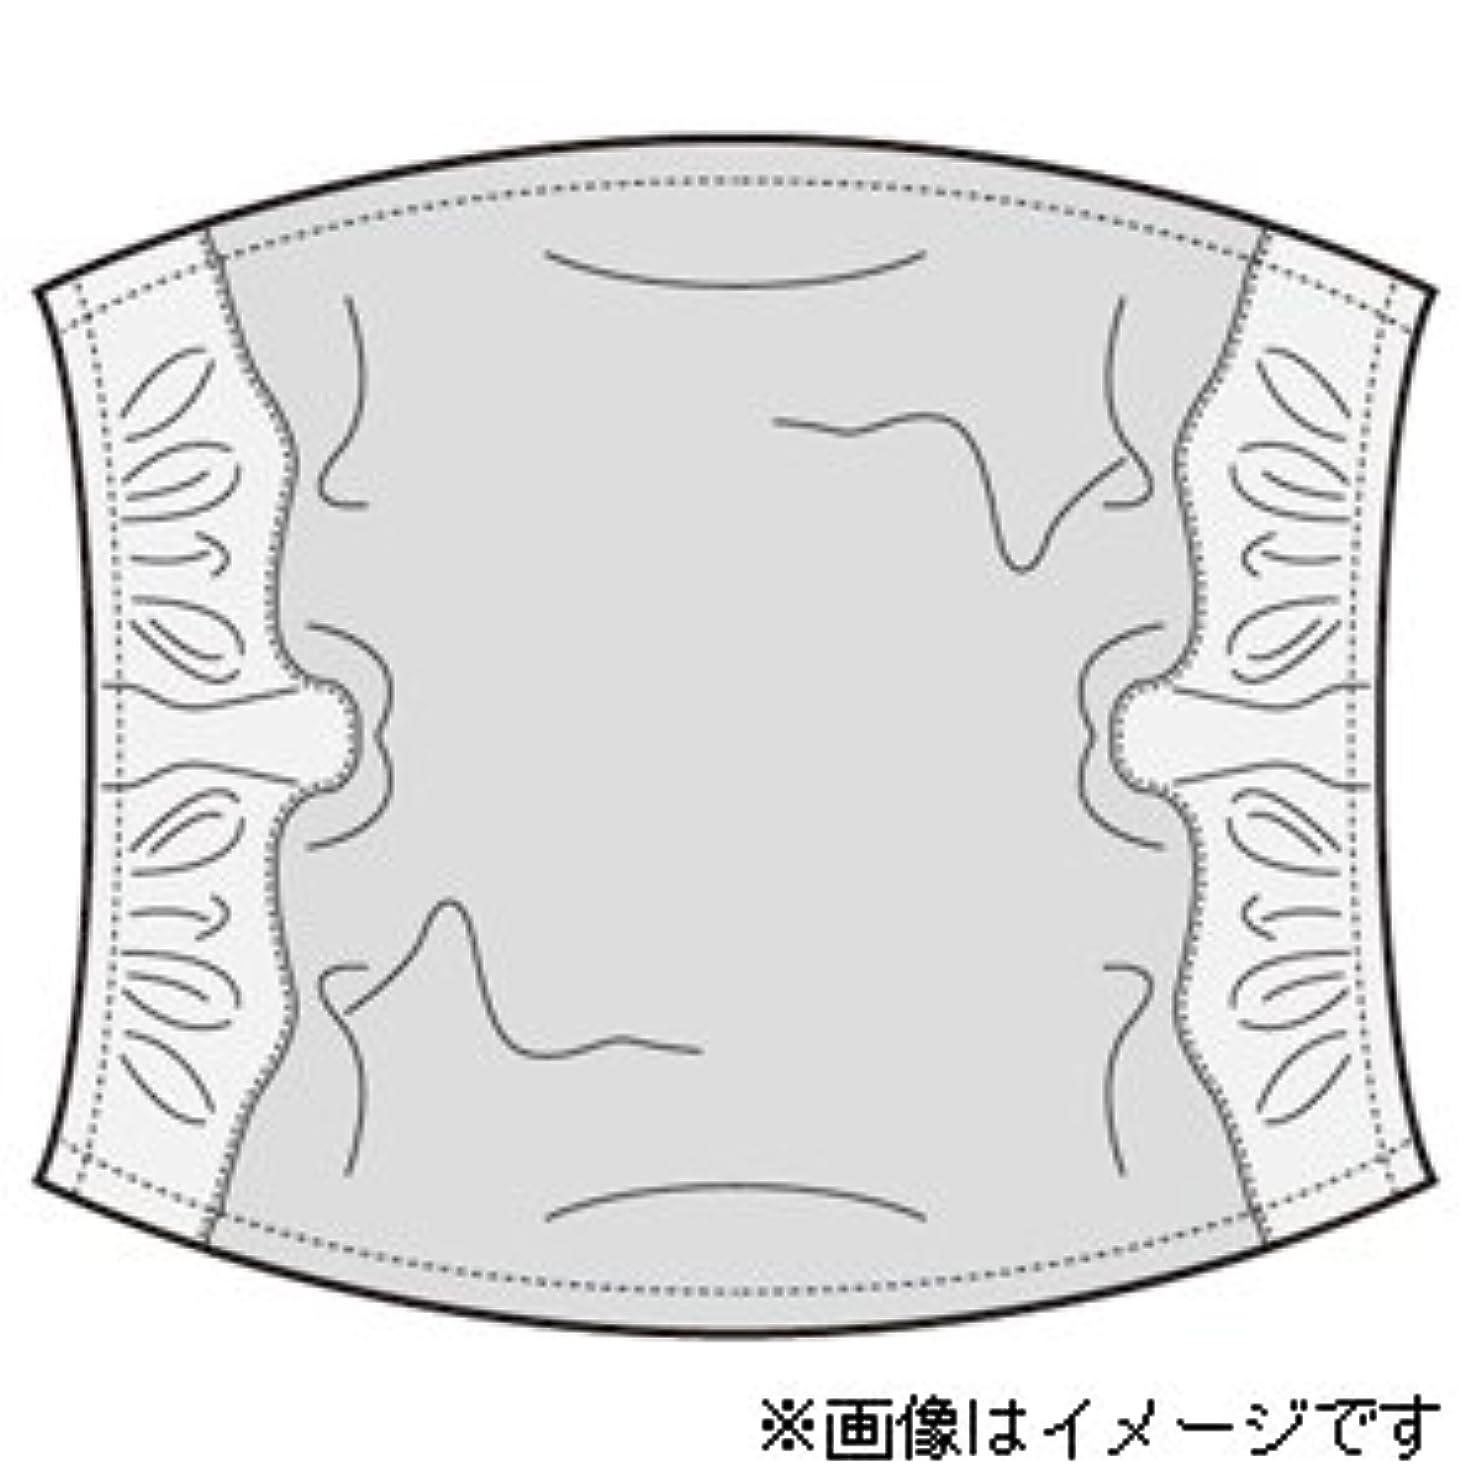 ペスト温室作曲するオムロン 交換カバー HM-231-COVER